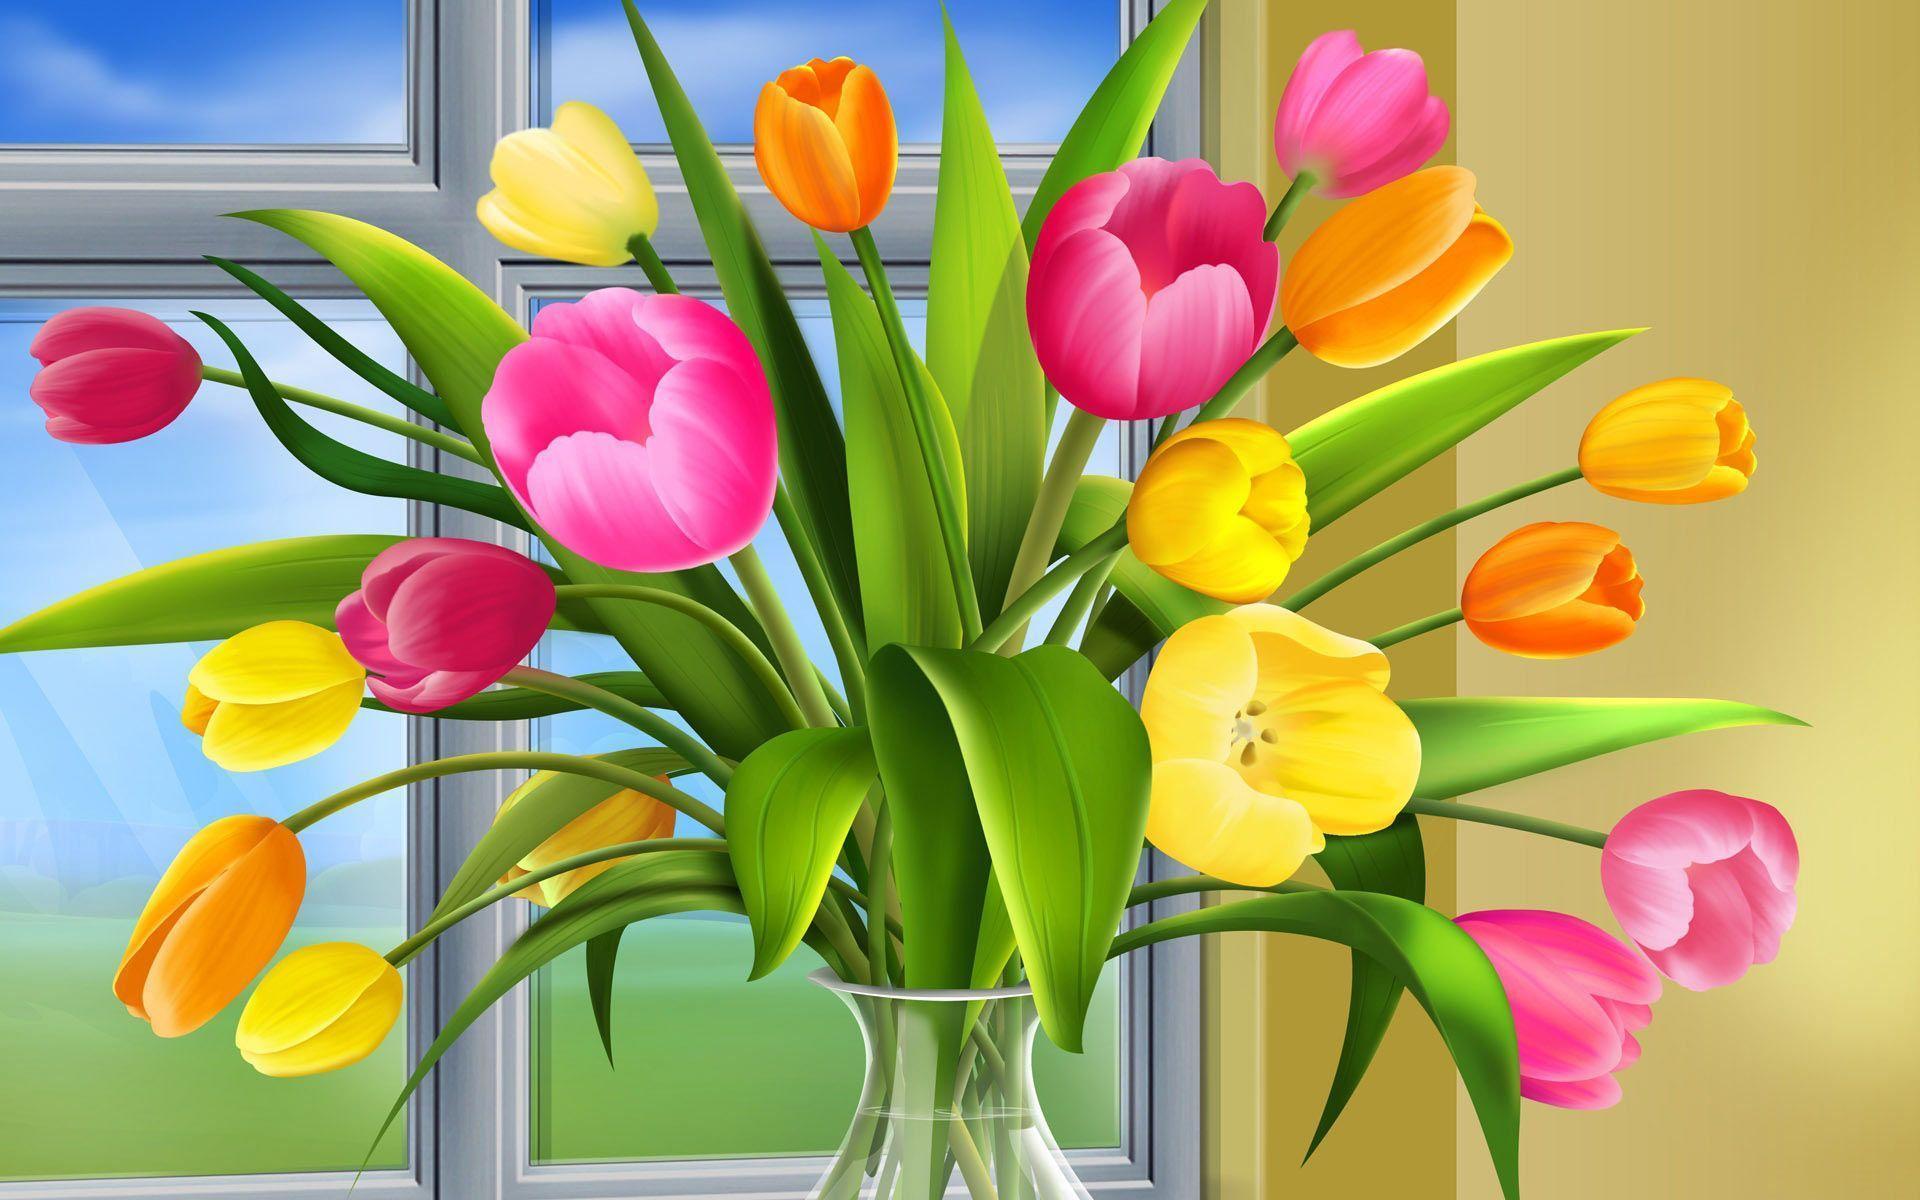 Spring Free Desktop Wallpapers